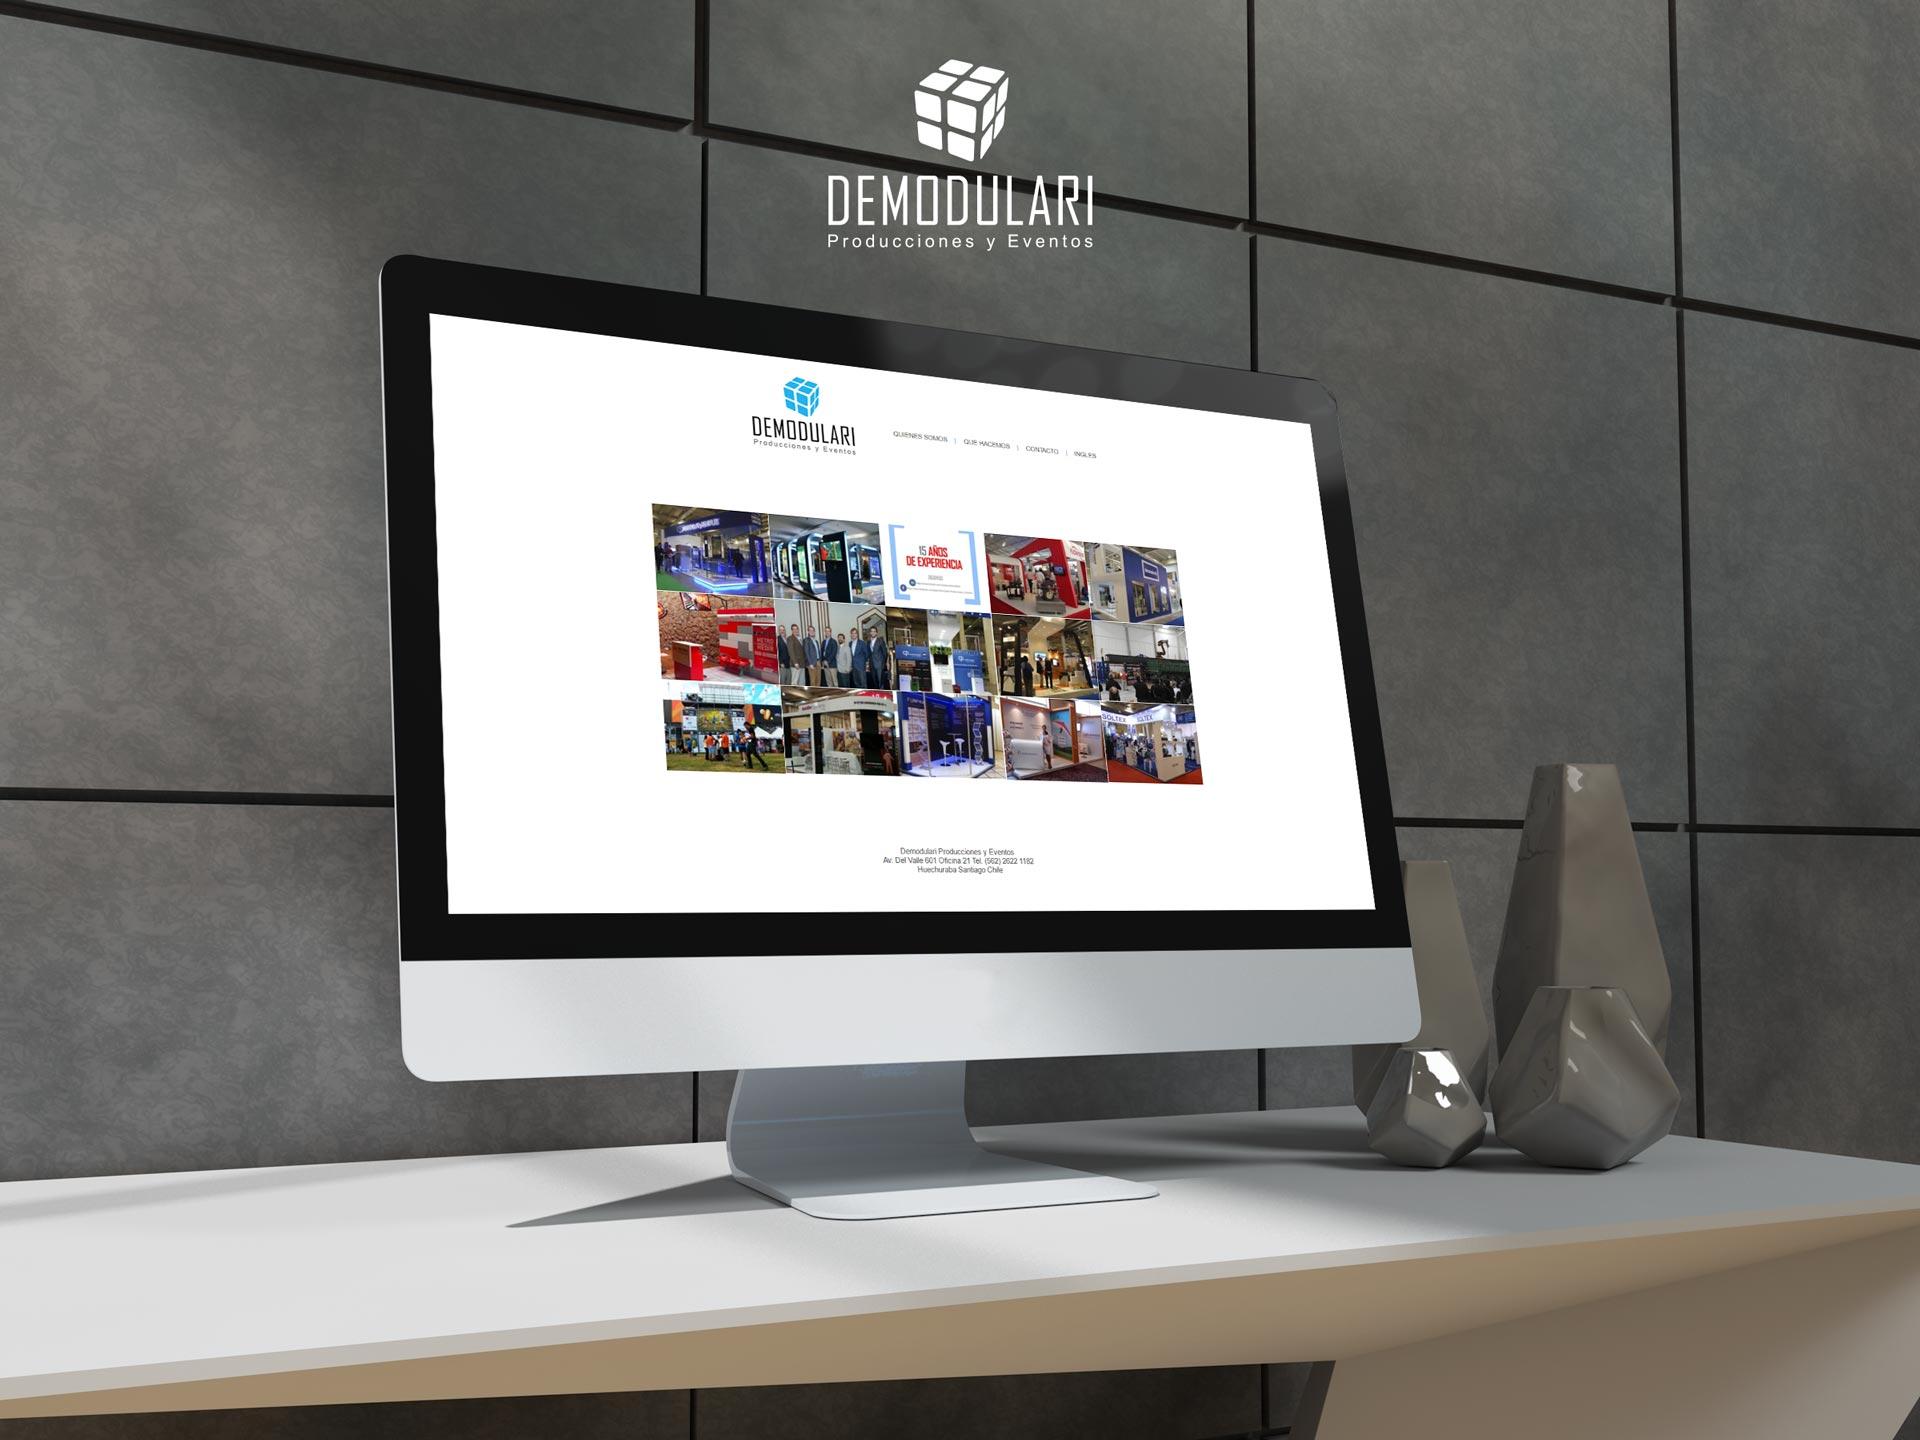 www.demodulari.com